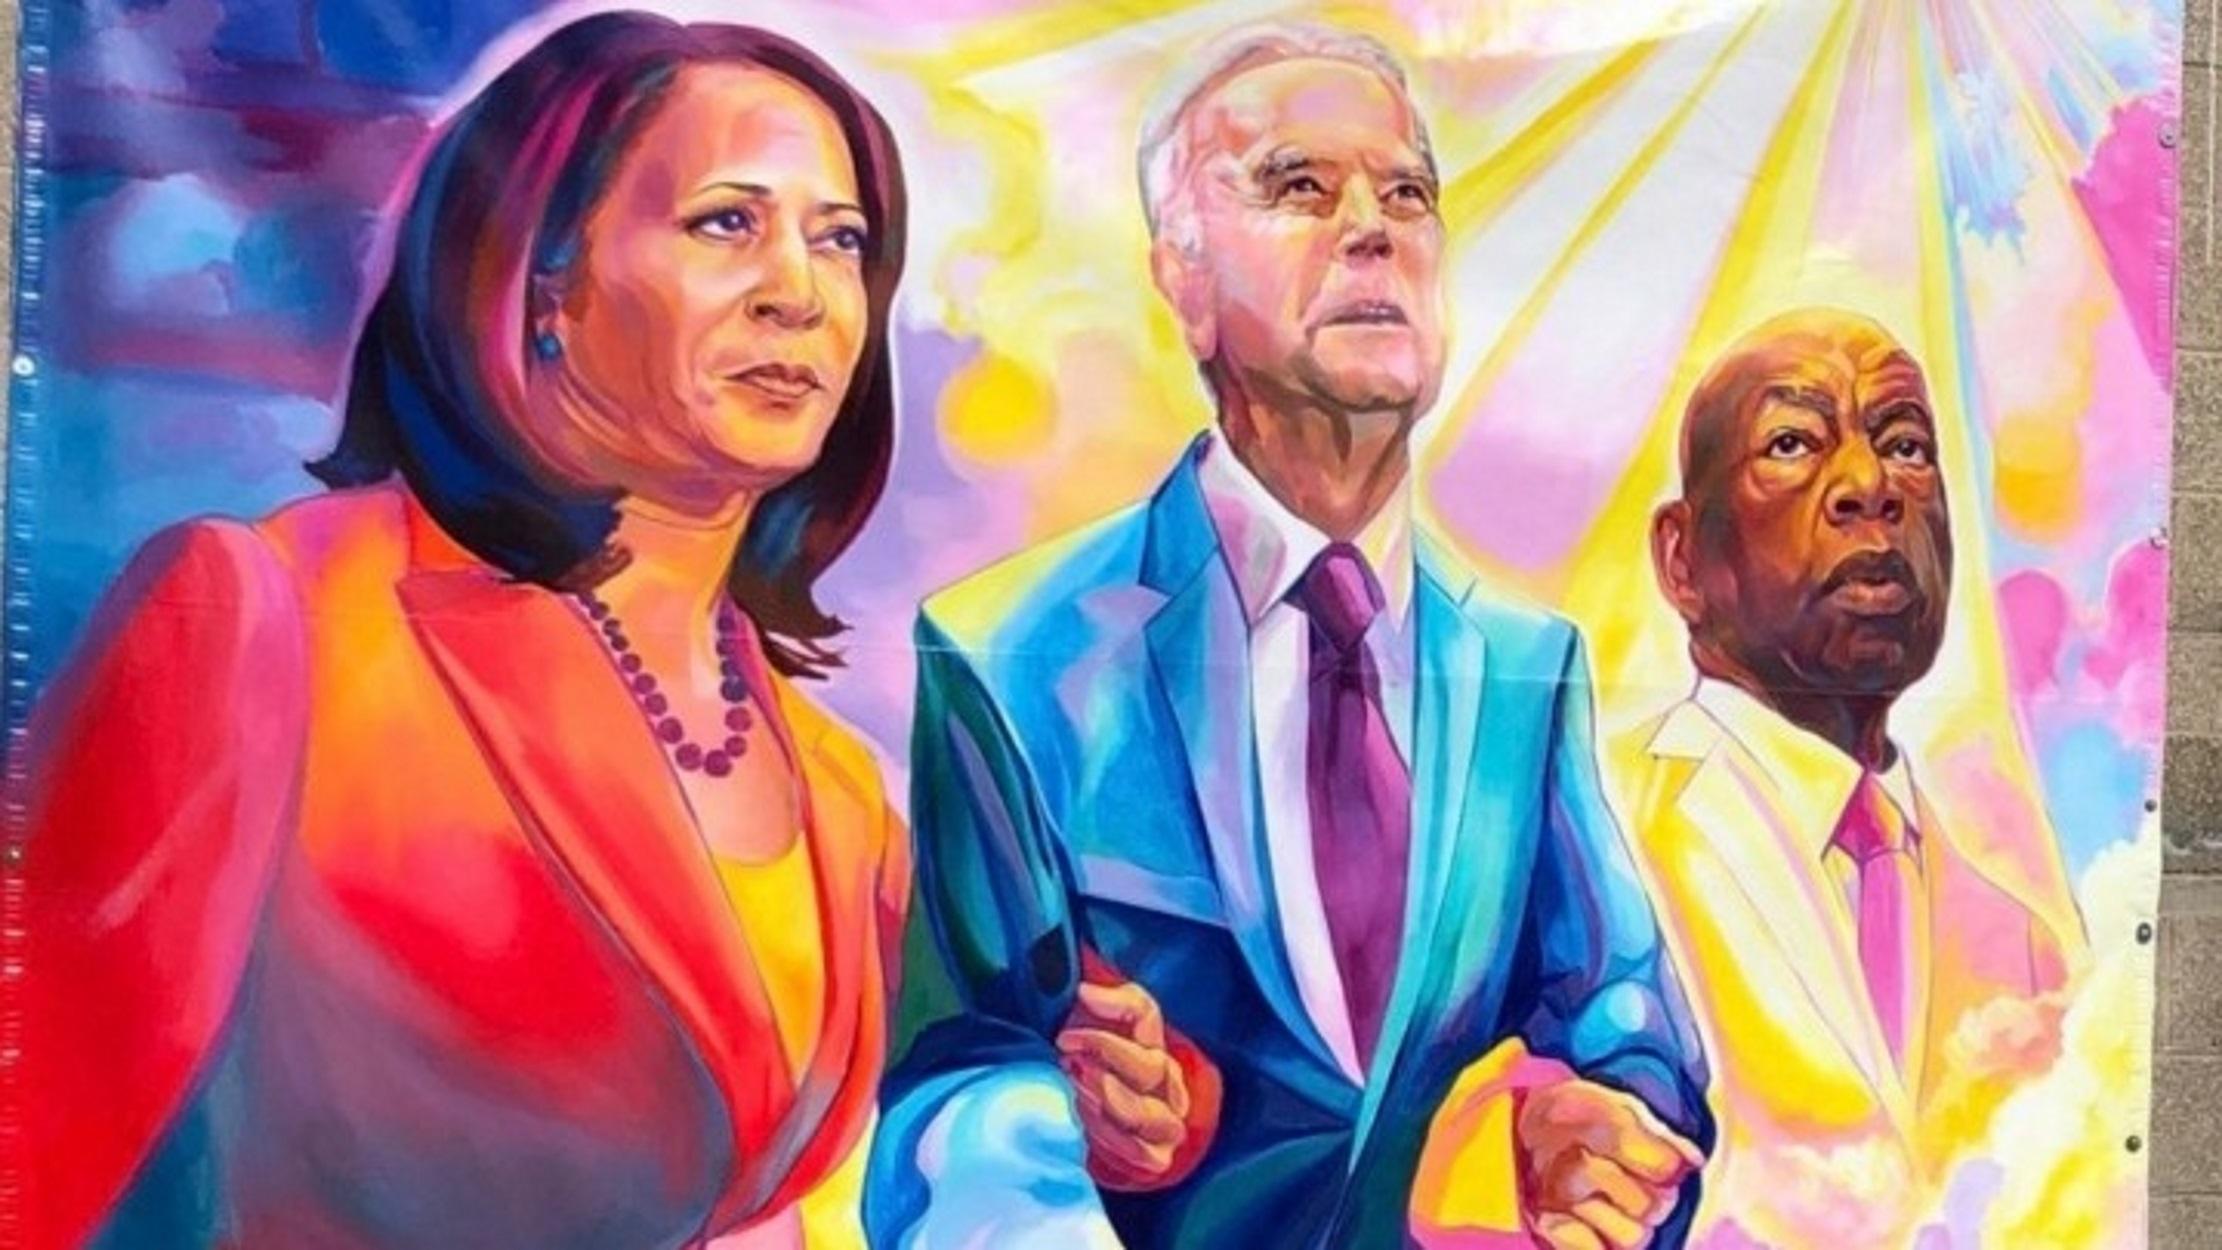 Τζο Μπάιντεν – Καμάλα Χάρις: Έγιναν γκράφιτι από Αφροαμερικανούς καλλιτέχνες (pics)